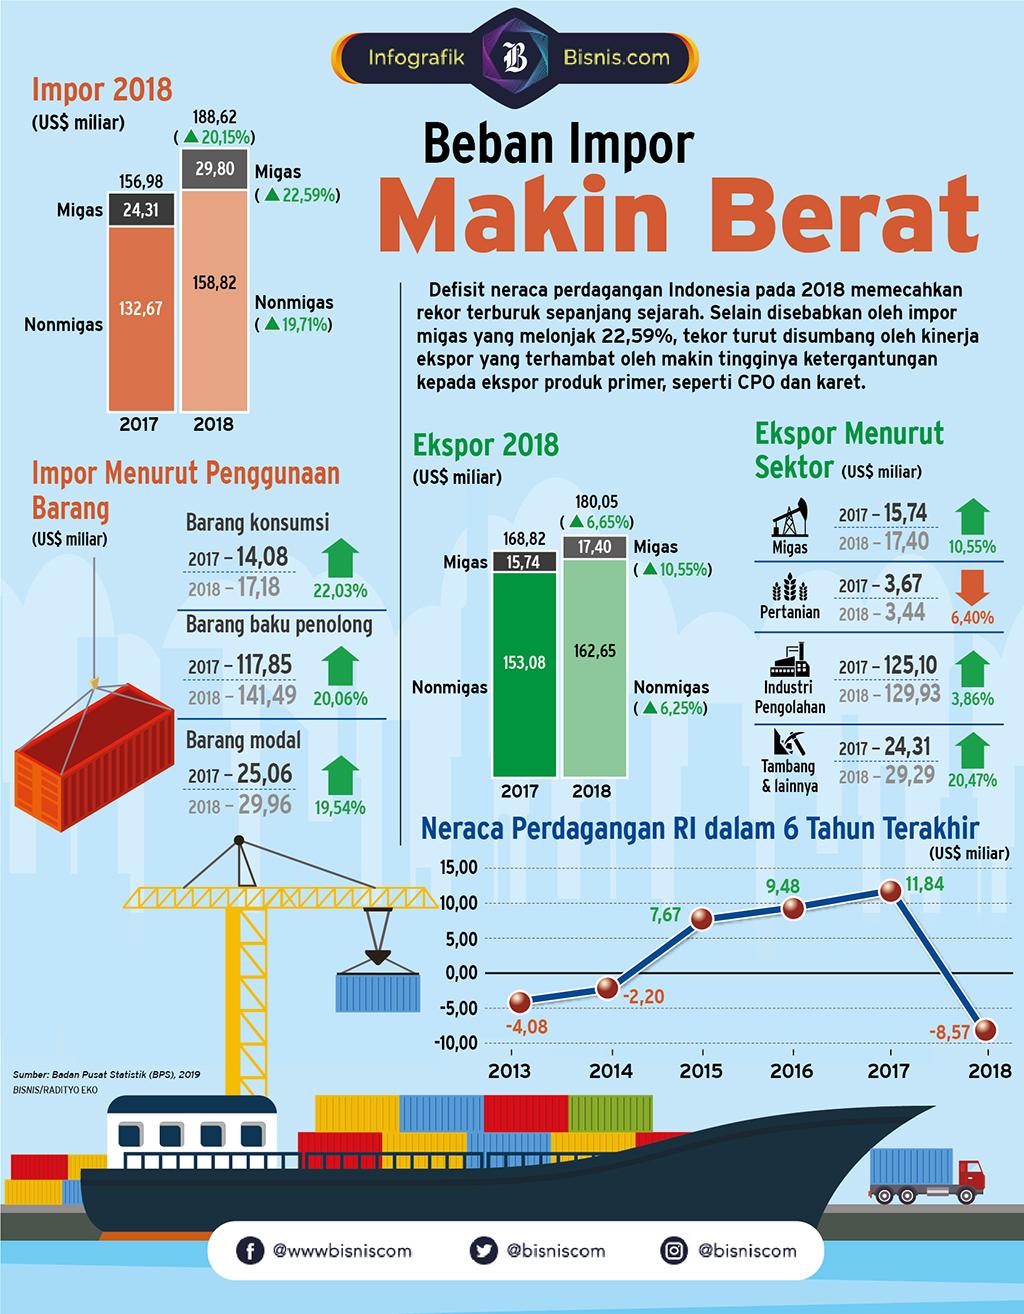 Defisit neraca perdagangan Indonesia pada 2018 memecahkan rekor terburuk sepanjang sejarah. Selain disebabkan oleh impor migas yang melonjak 22,59%, tekor turut disumbang oleh kinerja ekspor yang terhambat oleh makin tingginya ketergantungan kepada ekspor produk primer, seperti CPO dan karet.